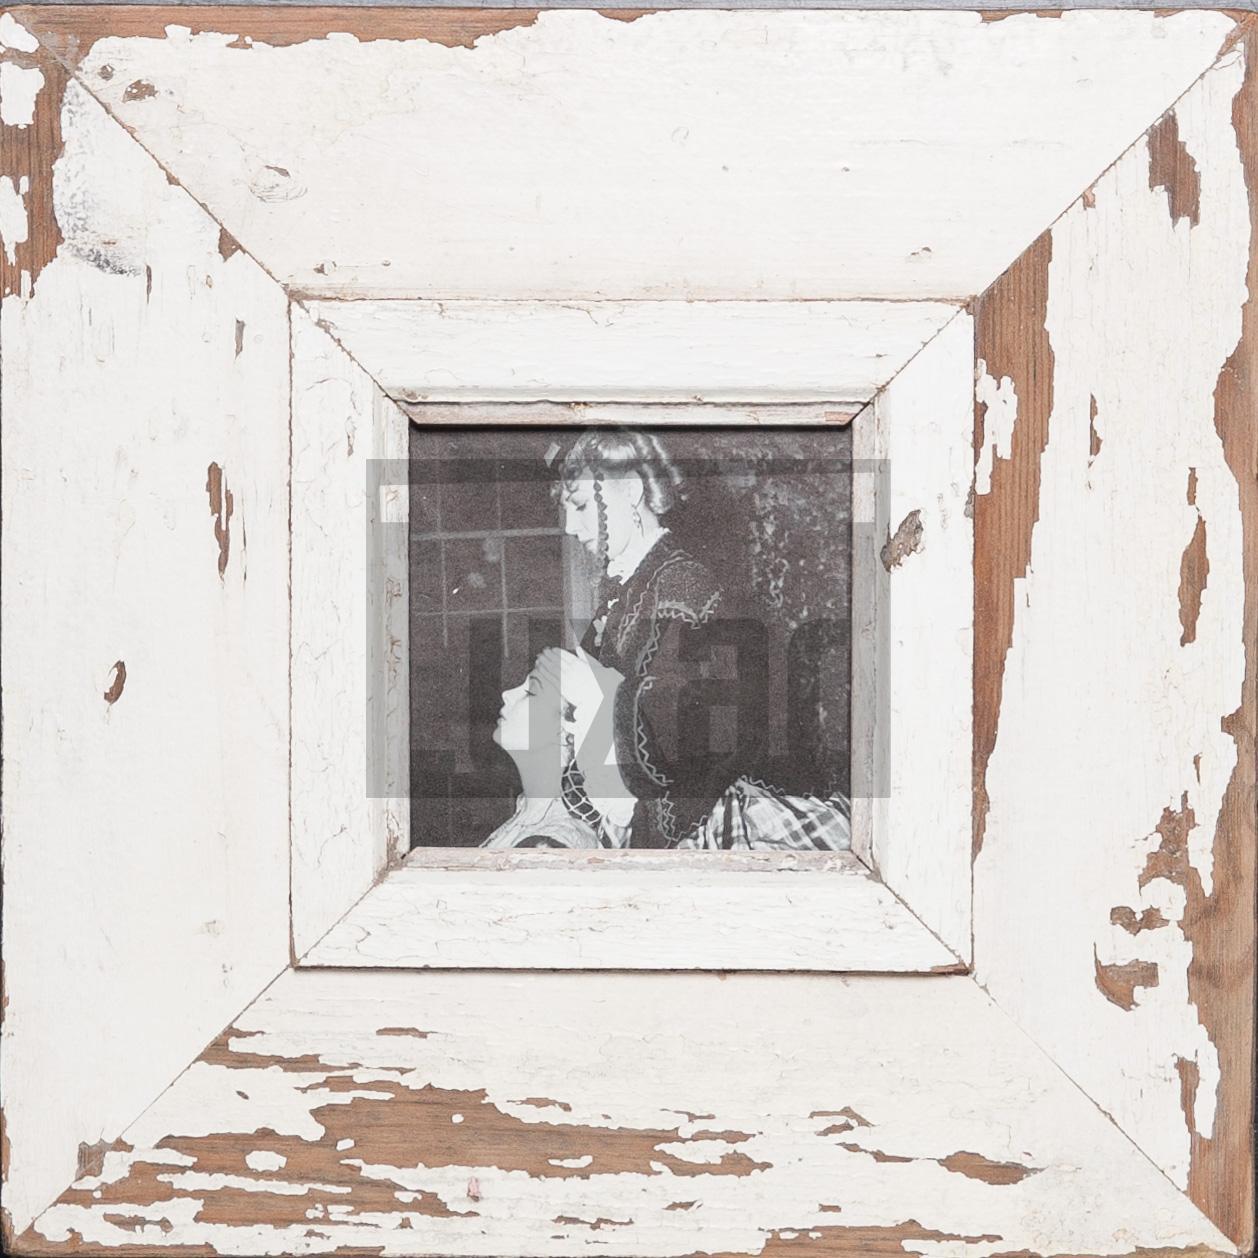 Quadratischer Bilderrahmen aus alten Holzleisten für ca. 10,5 x 10,5 cm